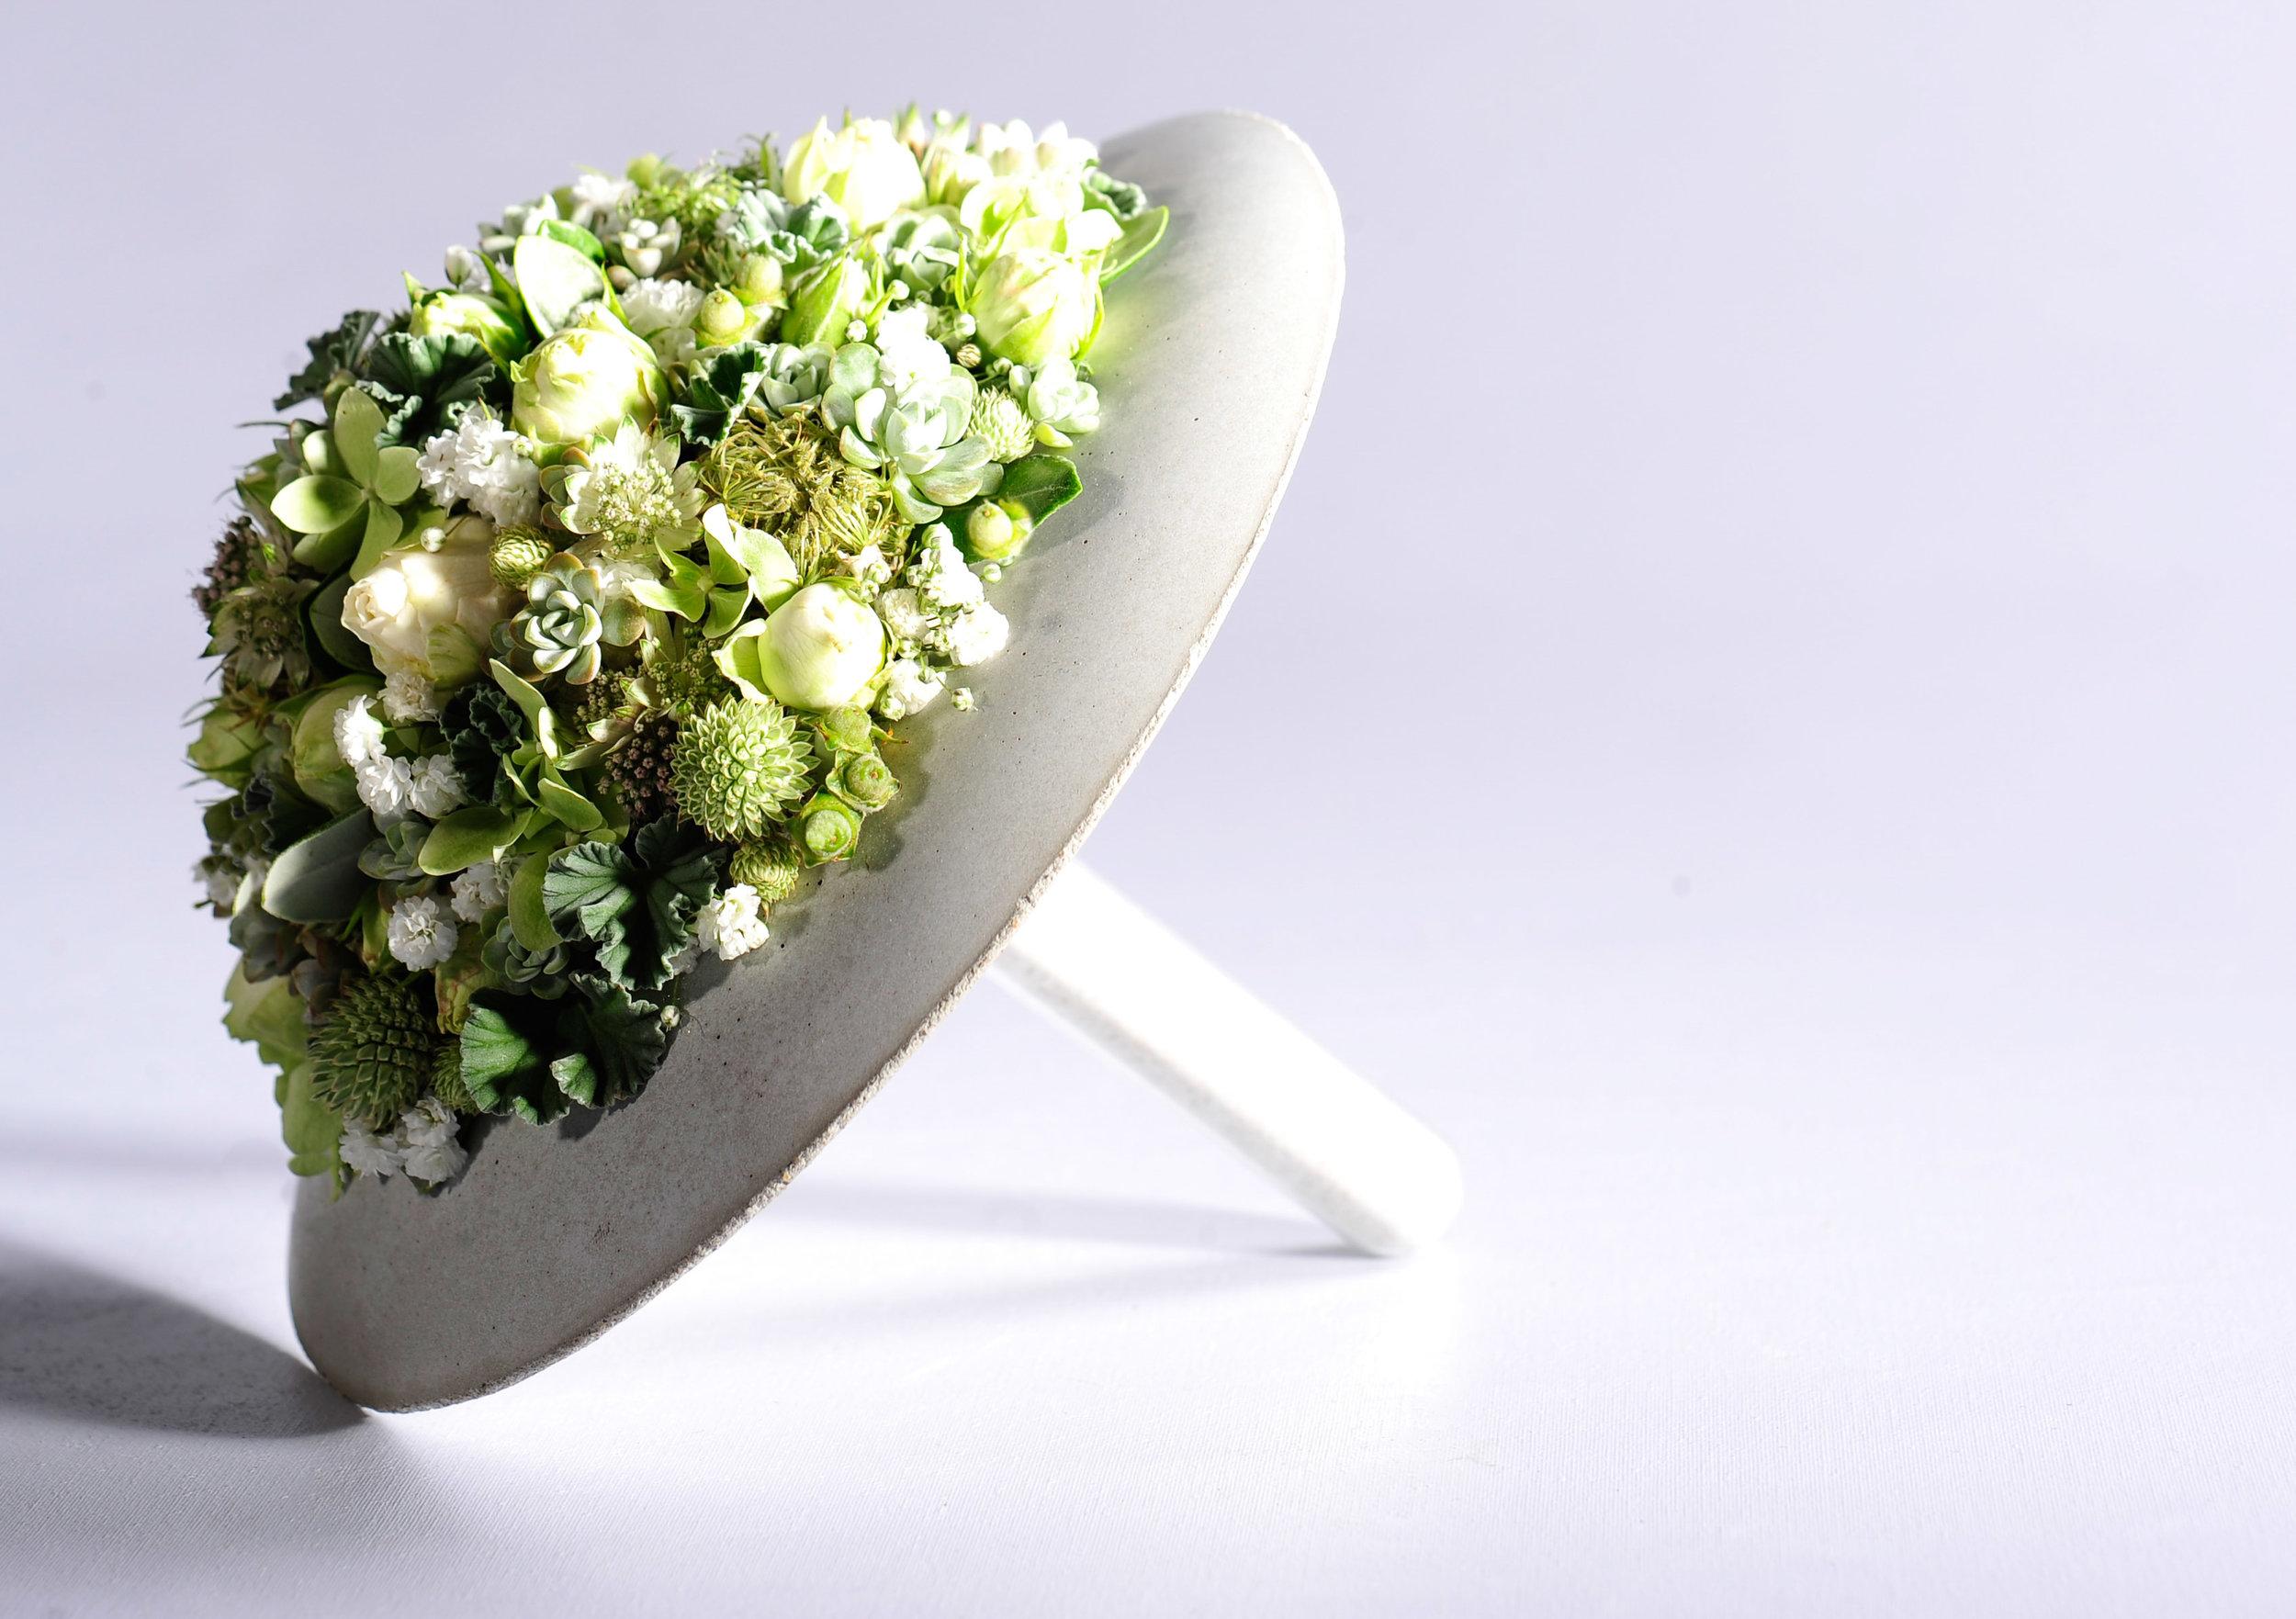 Dicht an dicht formierte Fabienne Bänziger aus Basel ihre Blütenformen um ein ruhiges, ausgeglichenes Bild zu schaffen.